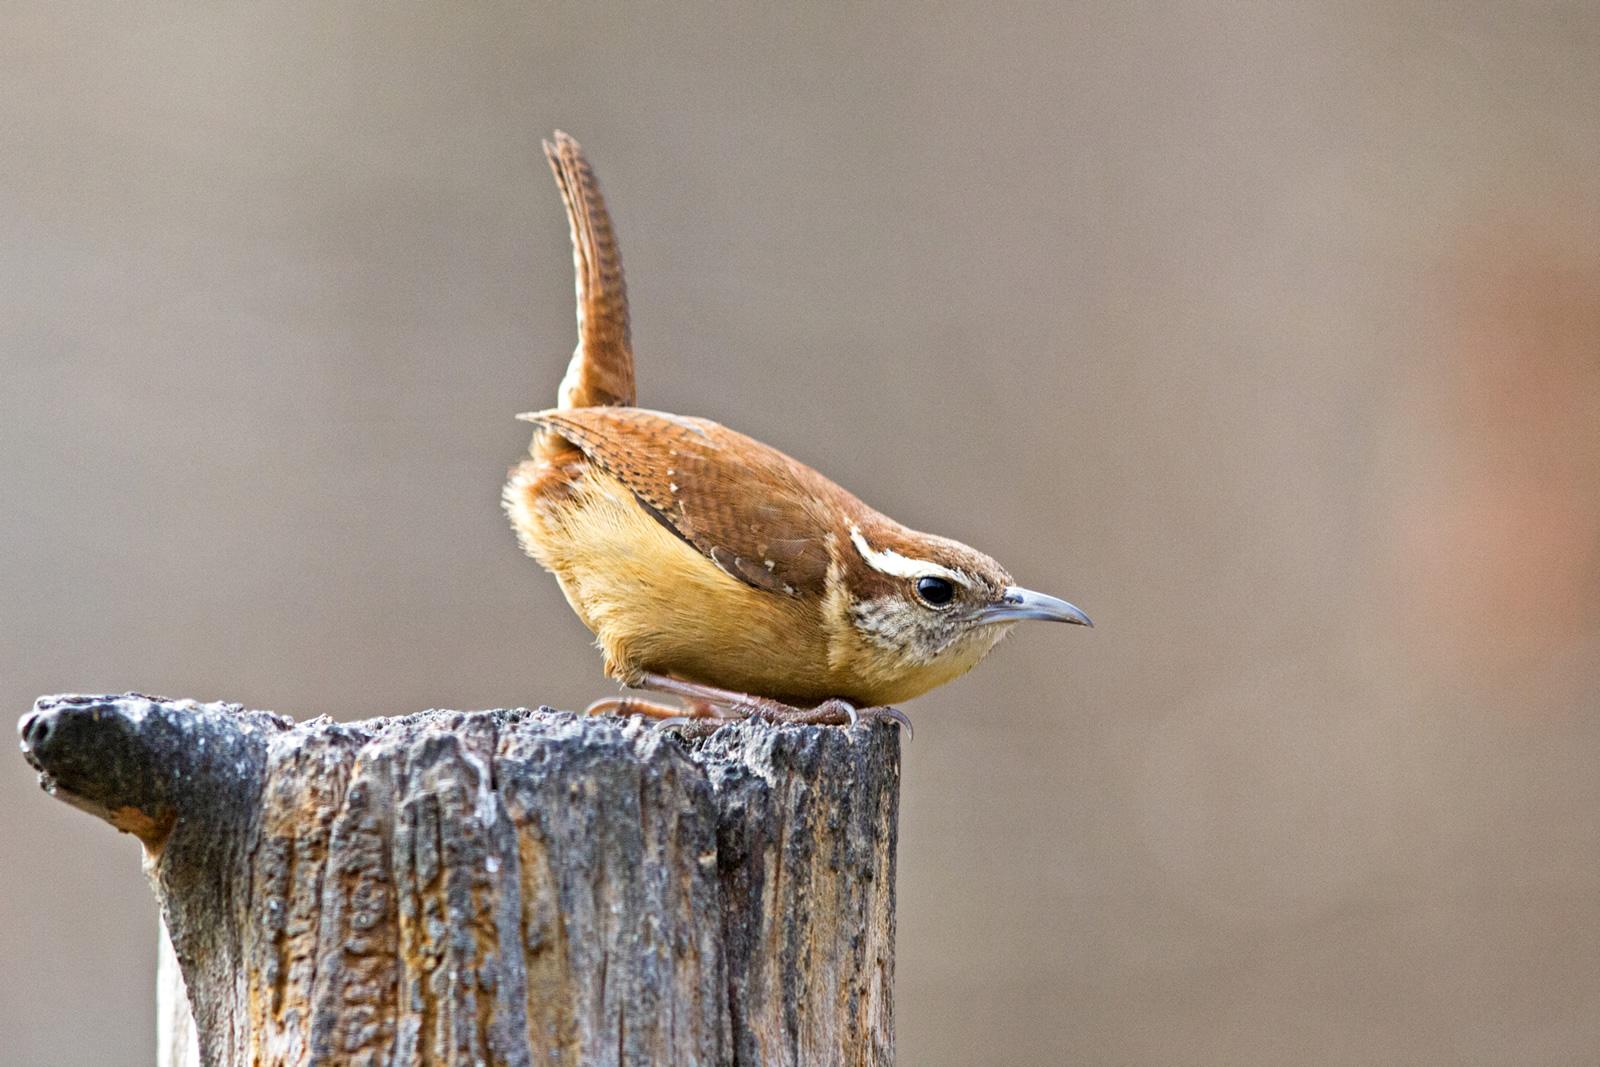 Gary Mueller / Great Backyard Bird Count